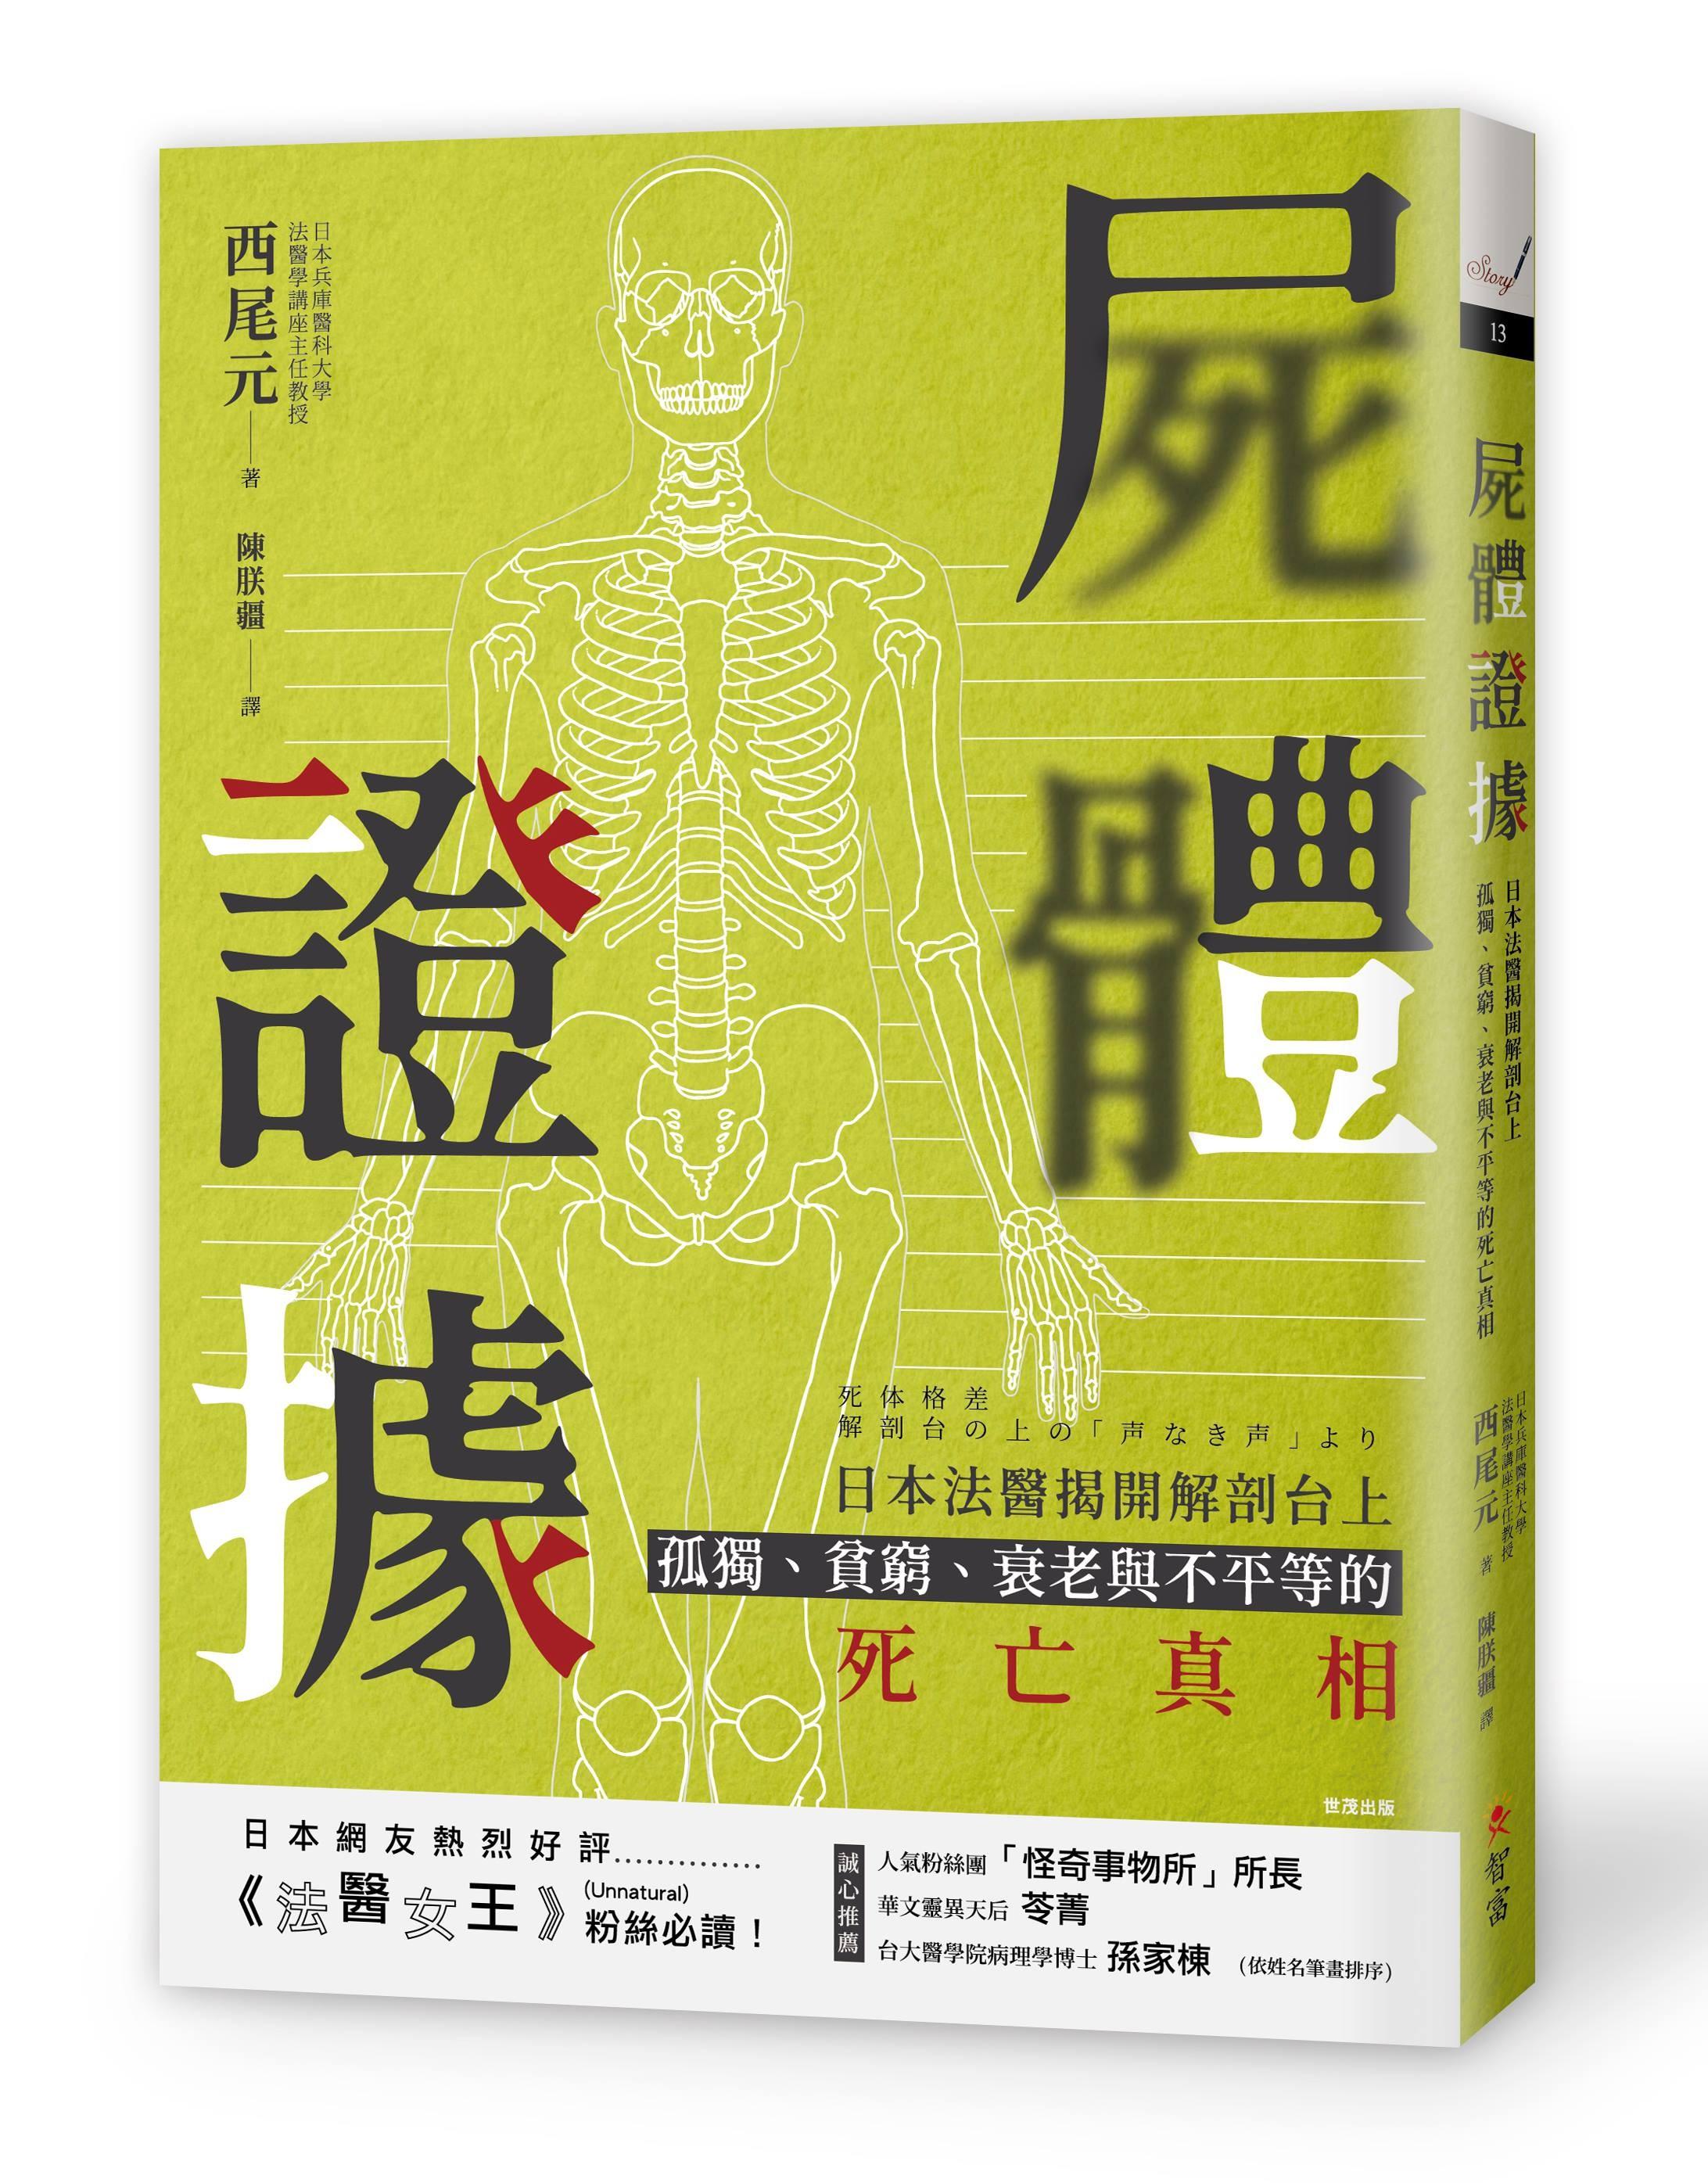 ▲▼屍體證據:日本法醫揭開解剖台上孤獨、貧窮、衰老與不平等的死亡真相(圖/業者智富出版提供)